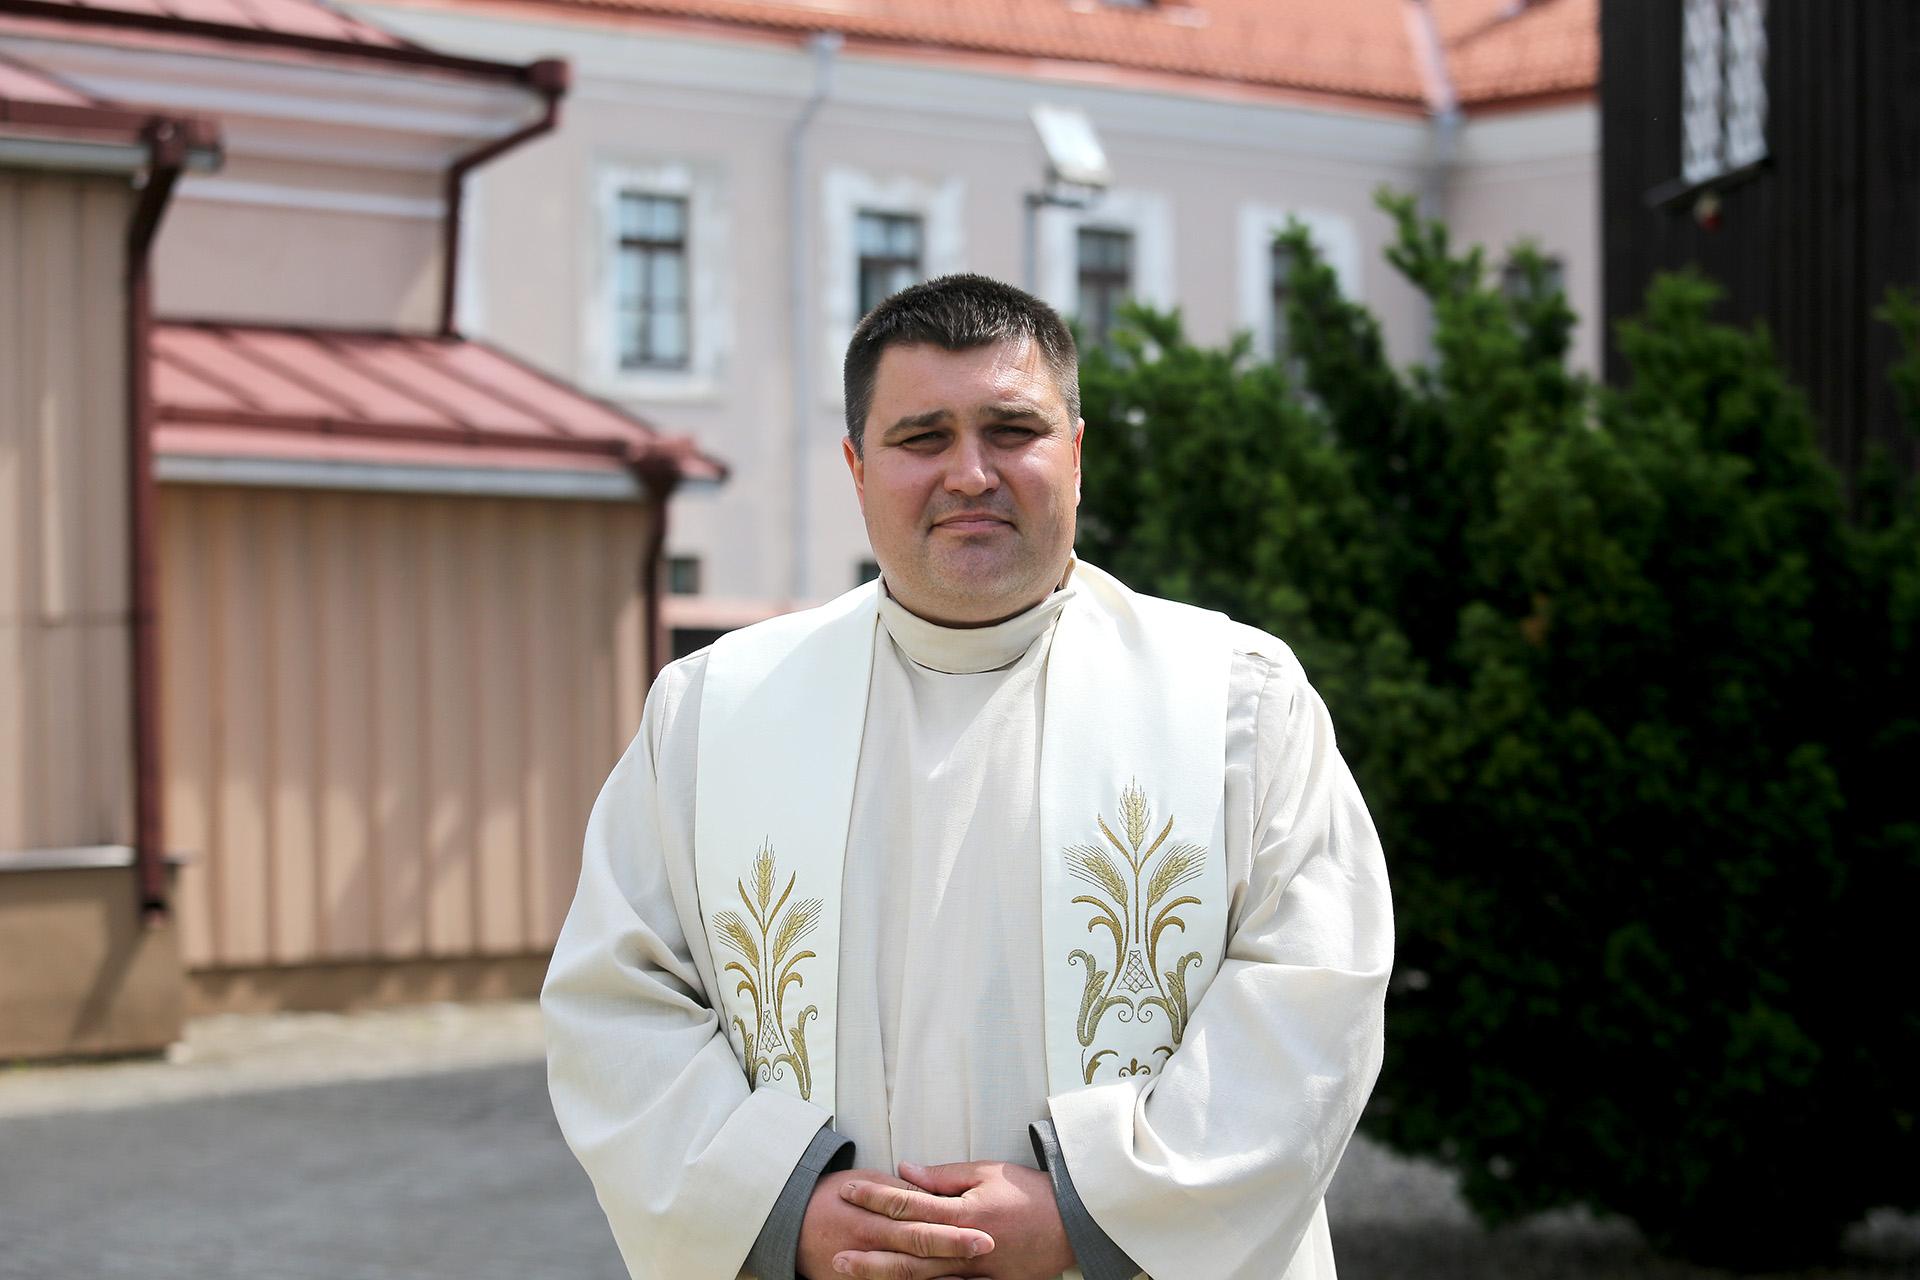 Pasak kunigo Norberto Martinkaus, didžiausia tikinčiųjų mažėjimo priežastis yra ta, kad žmonėms vis sunkiau atpažinti tikrąsias vertybes. A. Barzdžiaus nuotr.